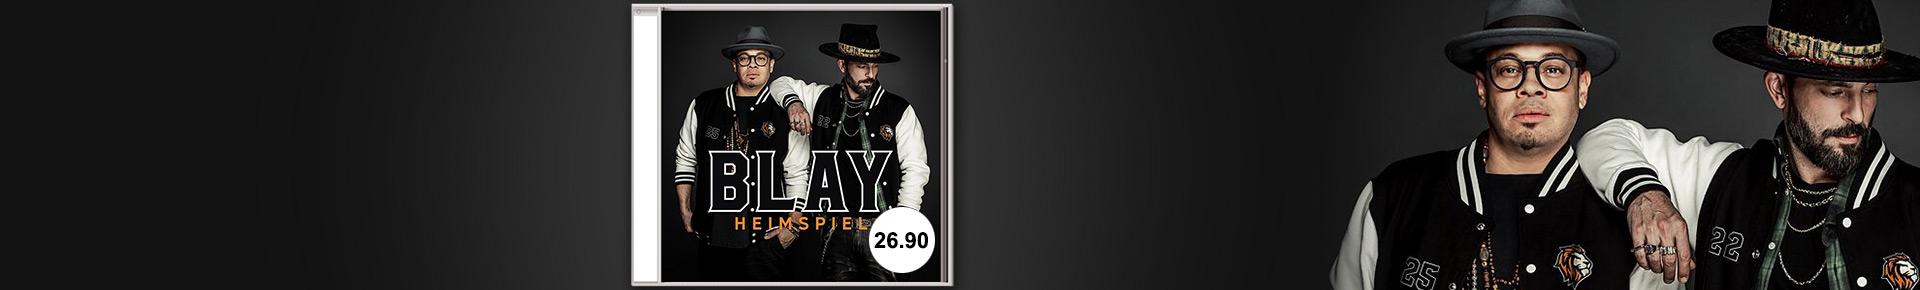 Bestellen Sie das Album «Heimspiel» von Blay jetzt portofrei.